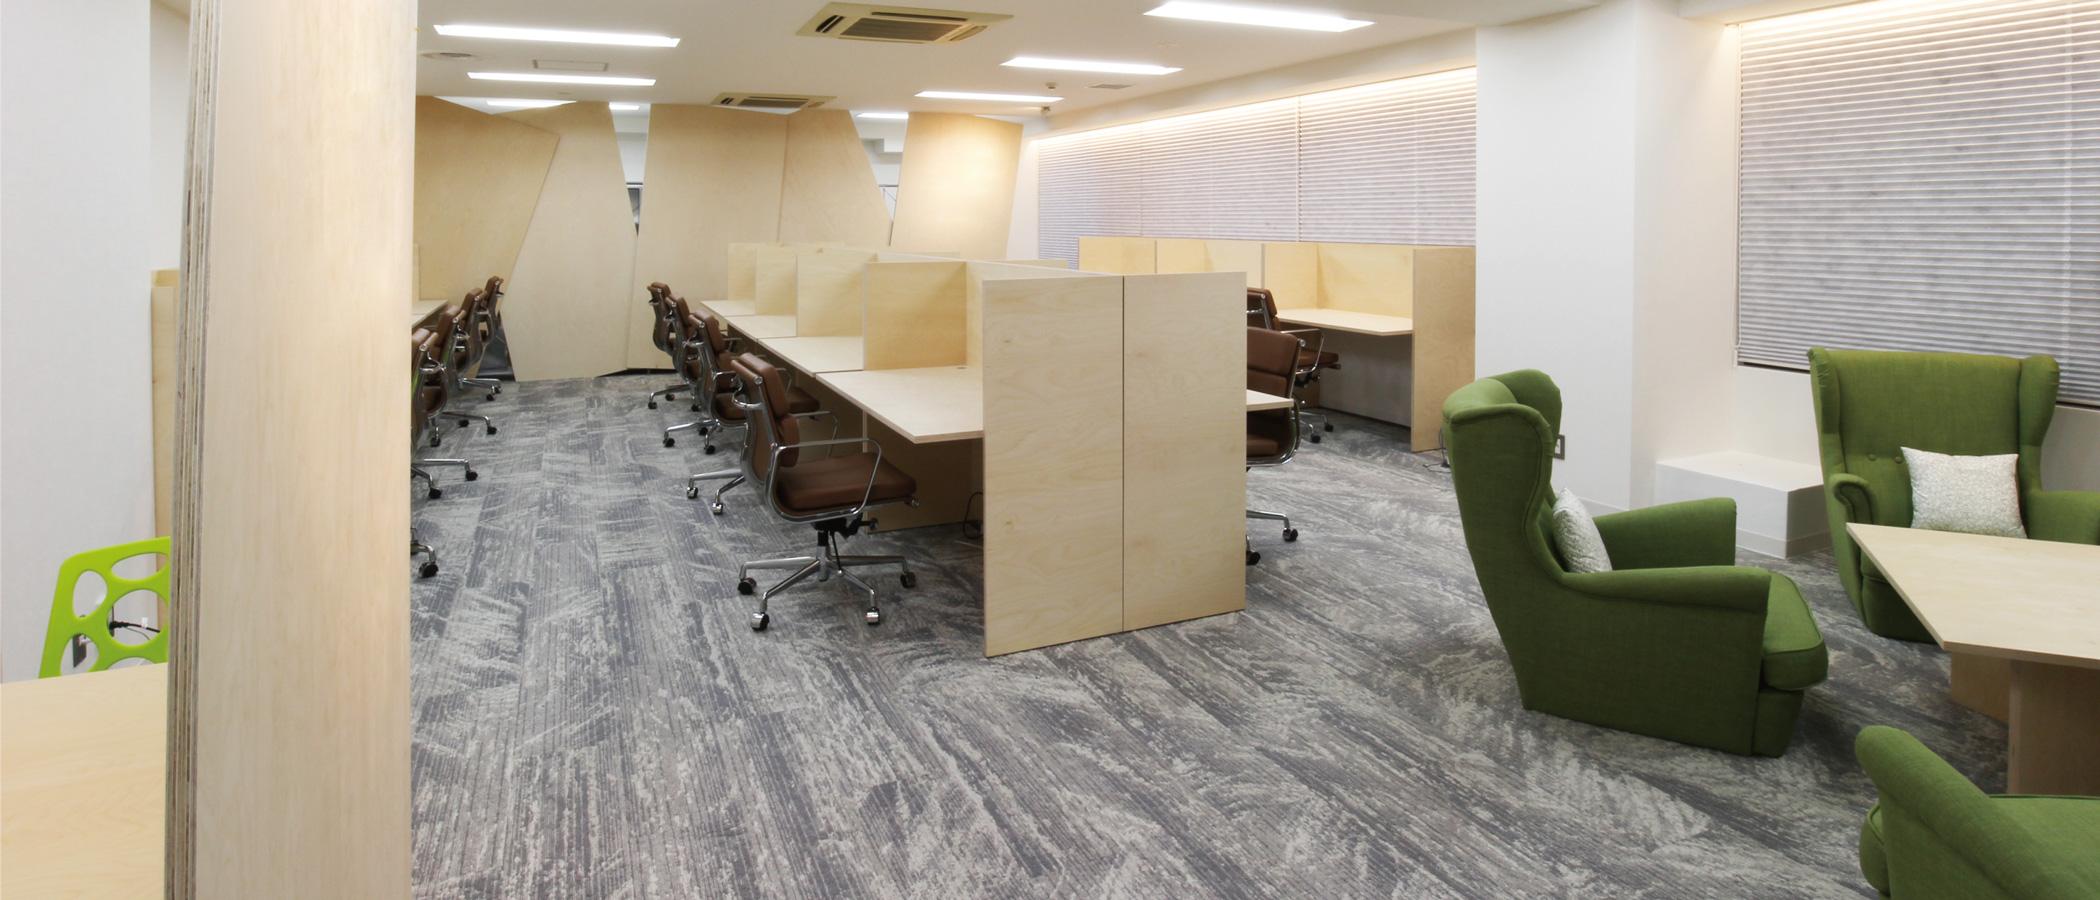 京都のコワーキング シェアオフィス FVC Mesh KYOTO 内観 booth